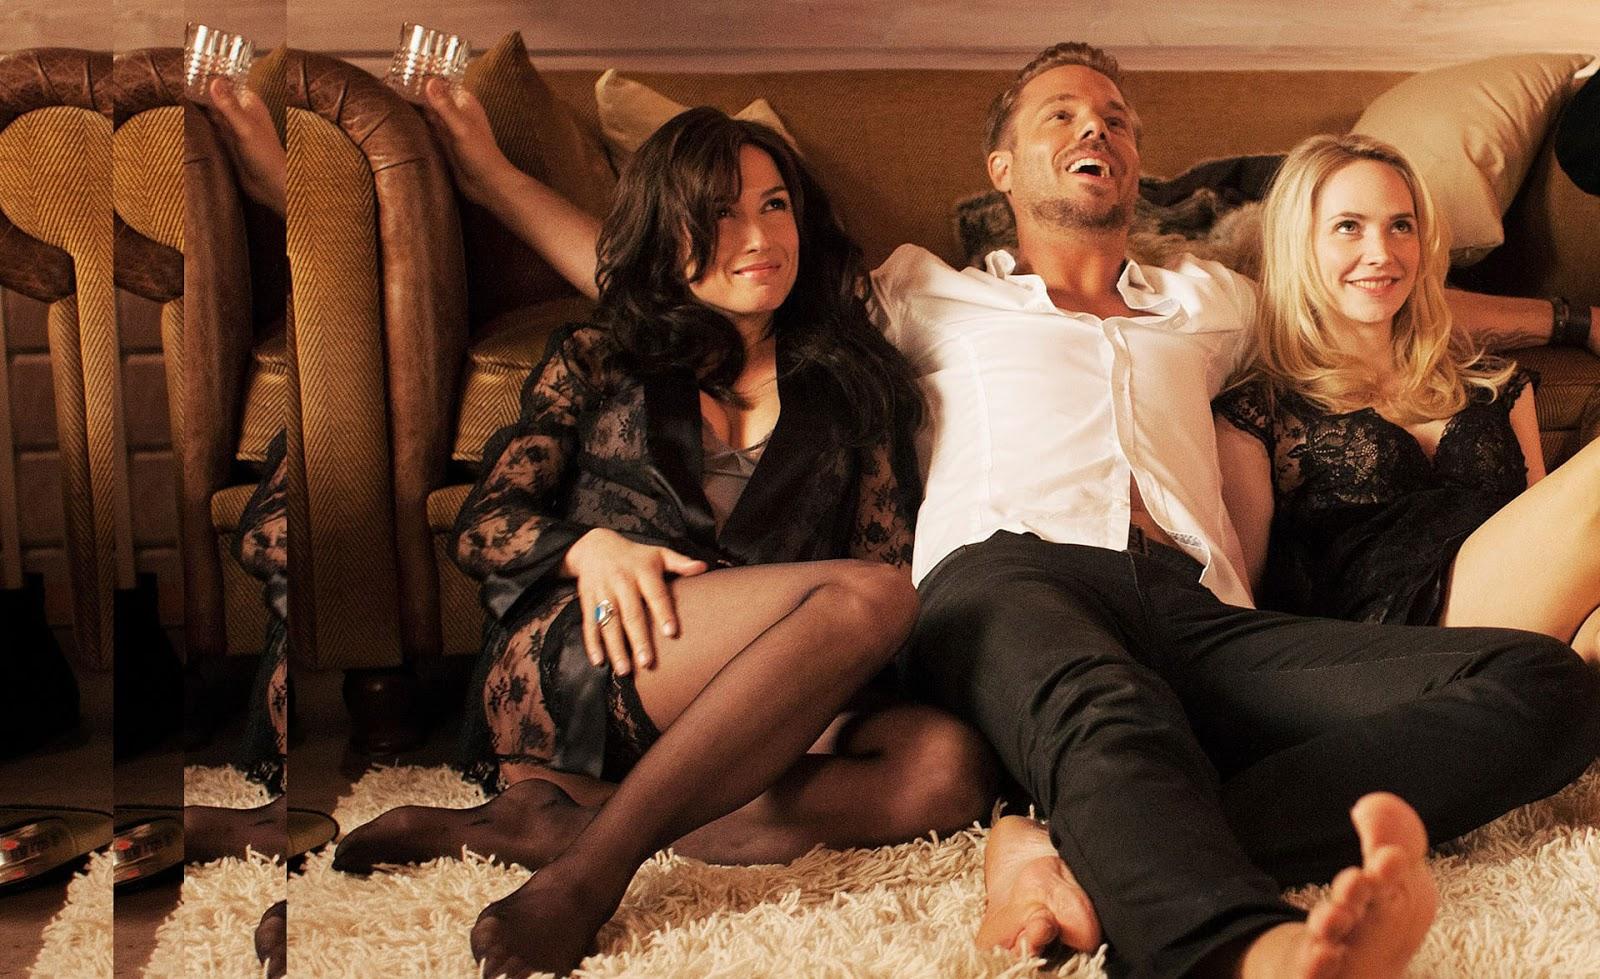 богатые зрелые люди обмениваются партнерами для секса видео - 11